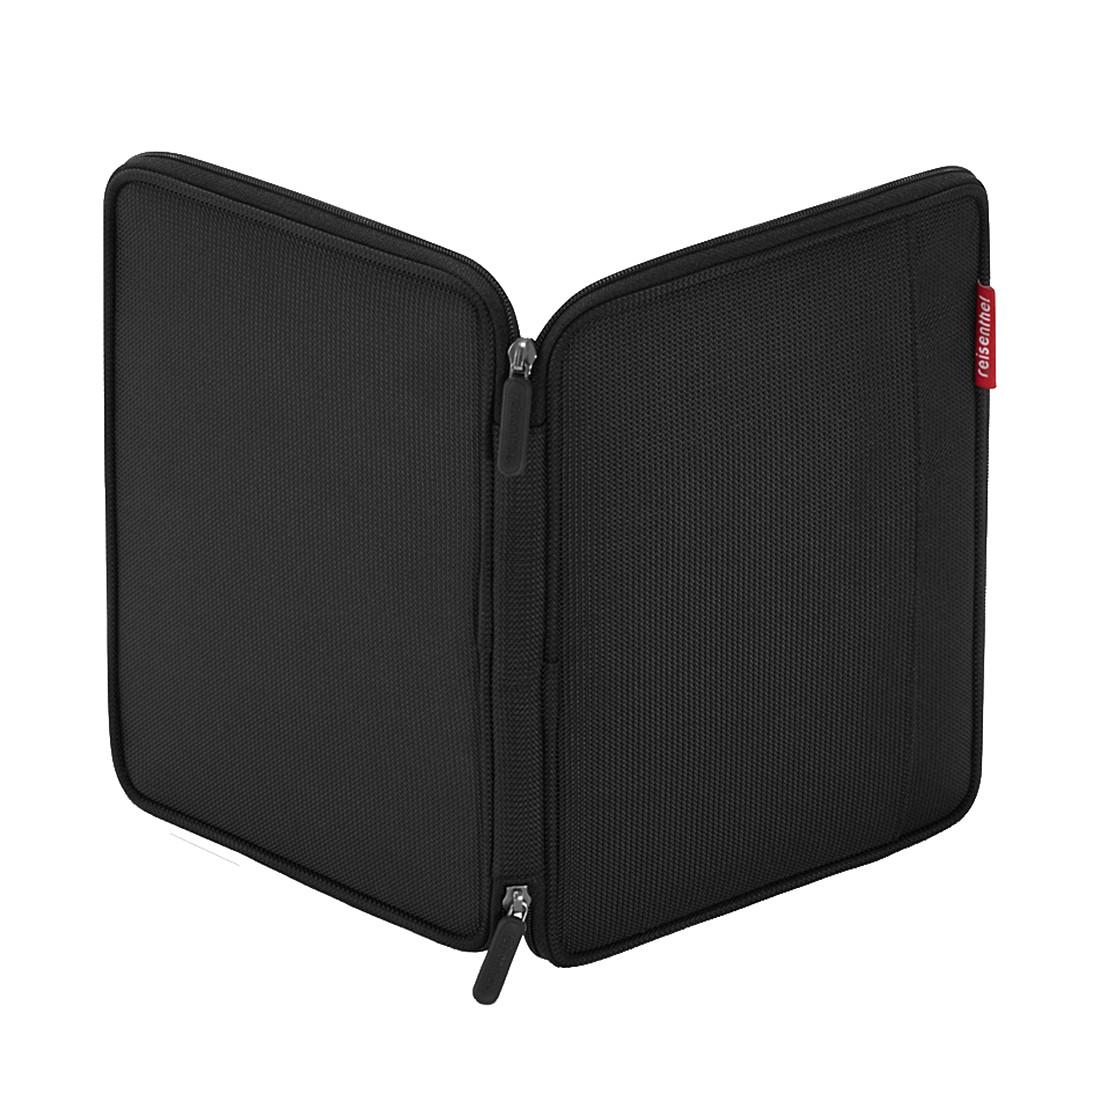 TABLETSLEEVE schwarz – Reißfestes Polyestermaterial schwarz, Reisenthel Accessoires online bestellen